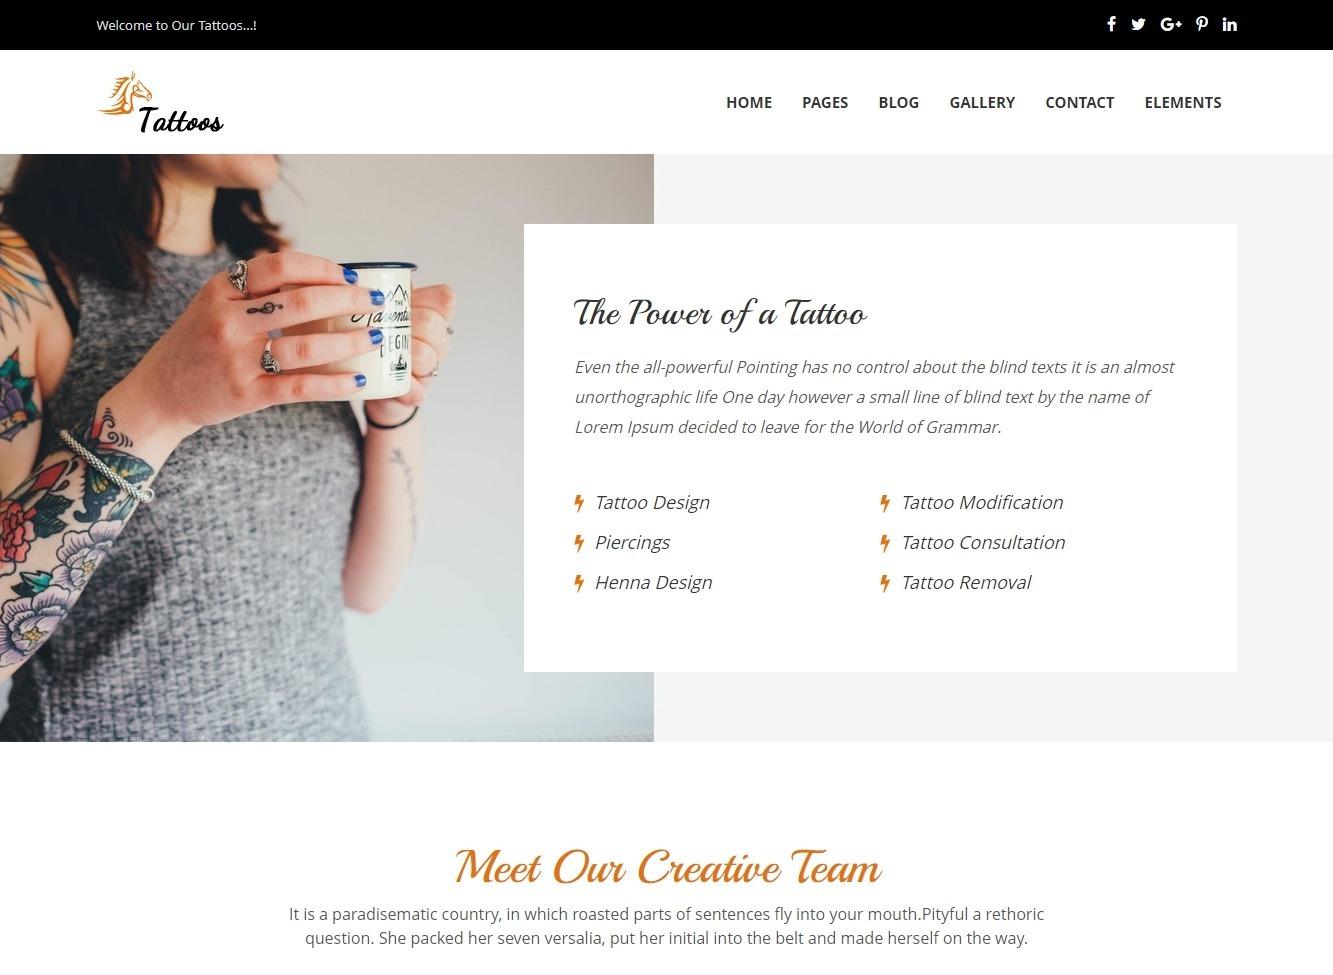 Tattoos Elegant and Refined Tattoo Salon WordPress Theme